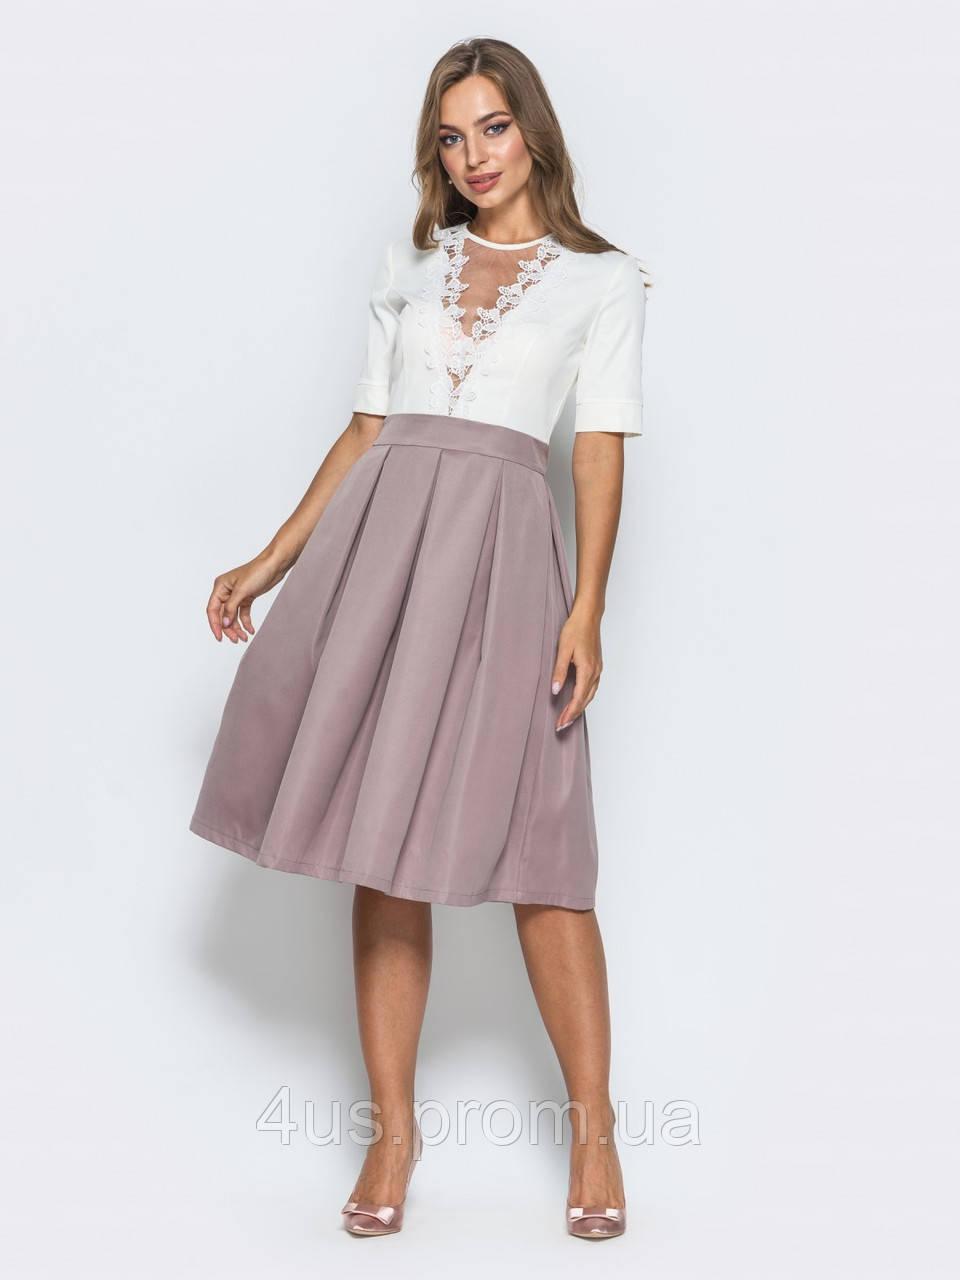 6dbe815a263 ✉️Нежное офисное платье с бантовой складкой на юбке (бежевое ...